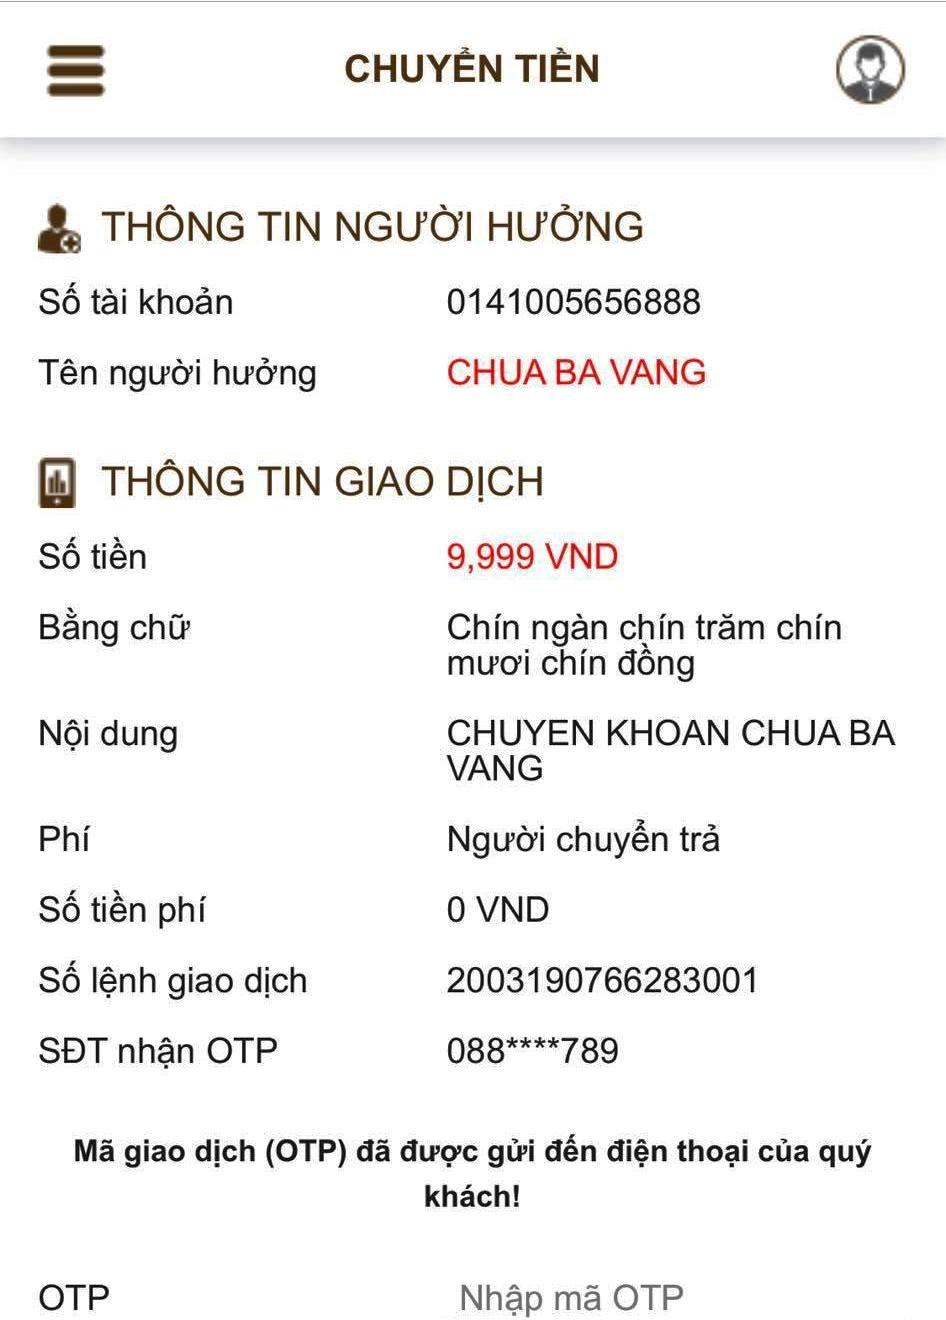 Ngân hàng Vietcombank chi nhánh Quảng Ninh nếu thực sự có mở tài khoản cho chùa Ba Vàng cũng không quan trọng, quan trọng là phải có sao kê để thấy rõ tài khoản Chùa Ba Vàng do ai làm đại diện pháp nhân, thu tiền như thế nào, sử dụng tiền thu được vào việc gì.